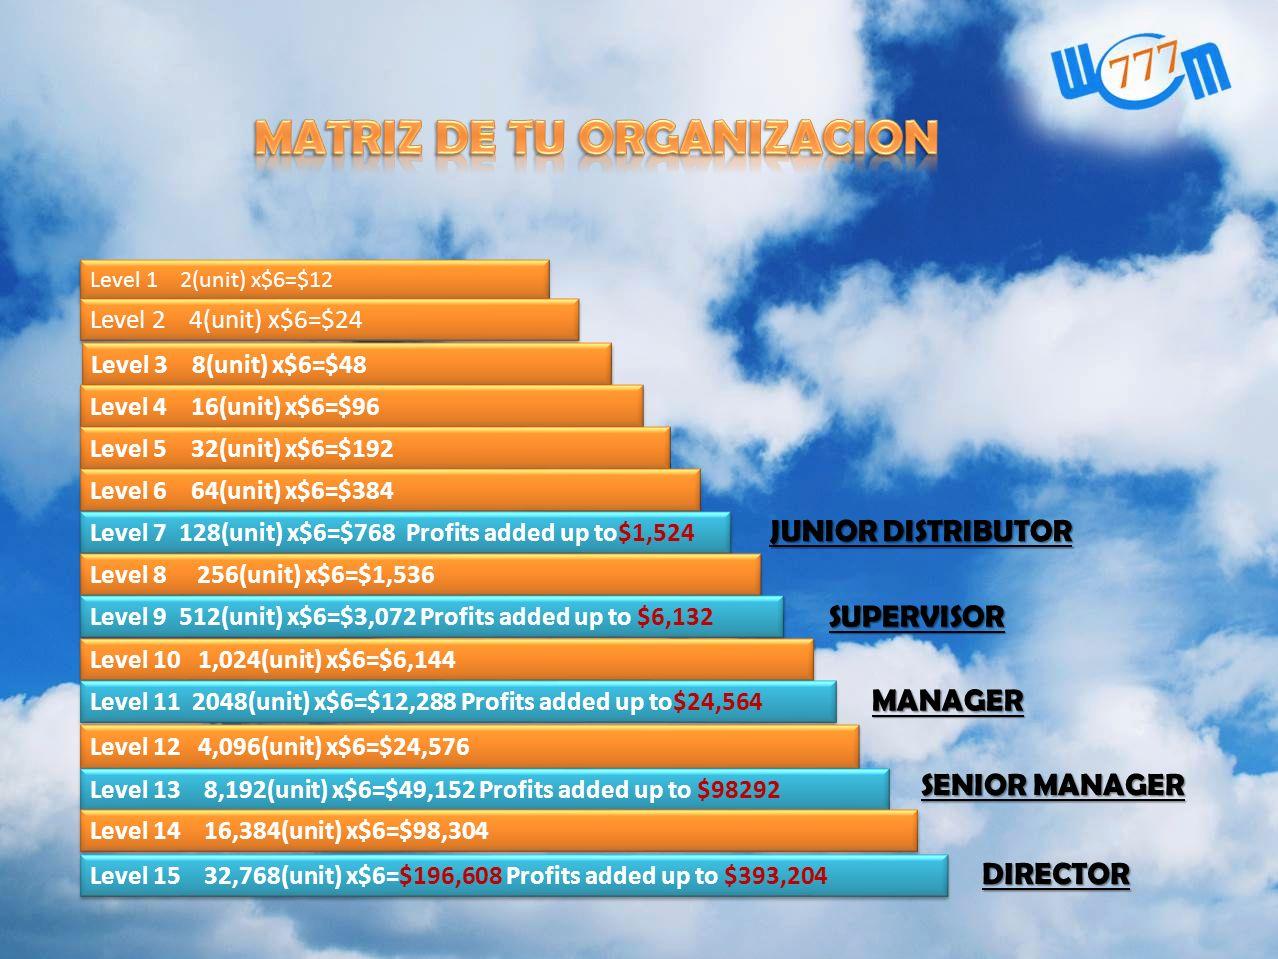 MATRIZ DE TU ORGANIZACION